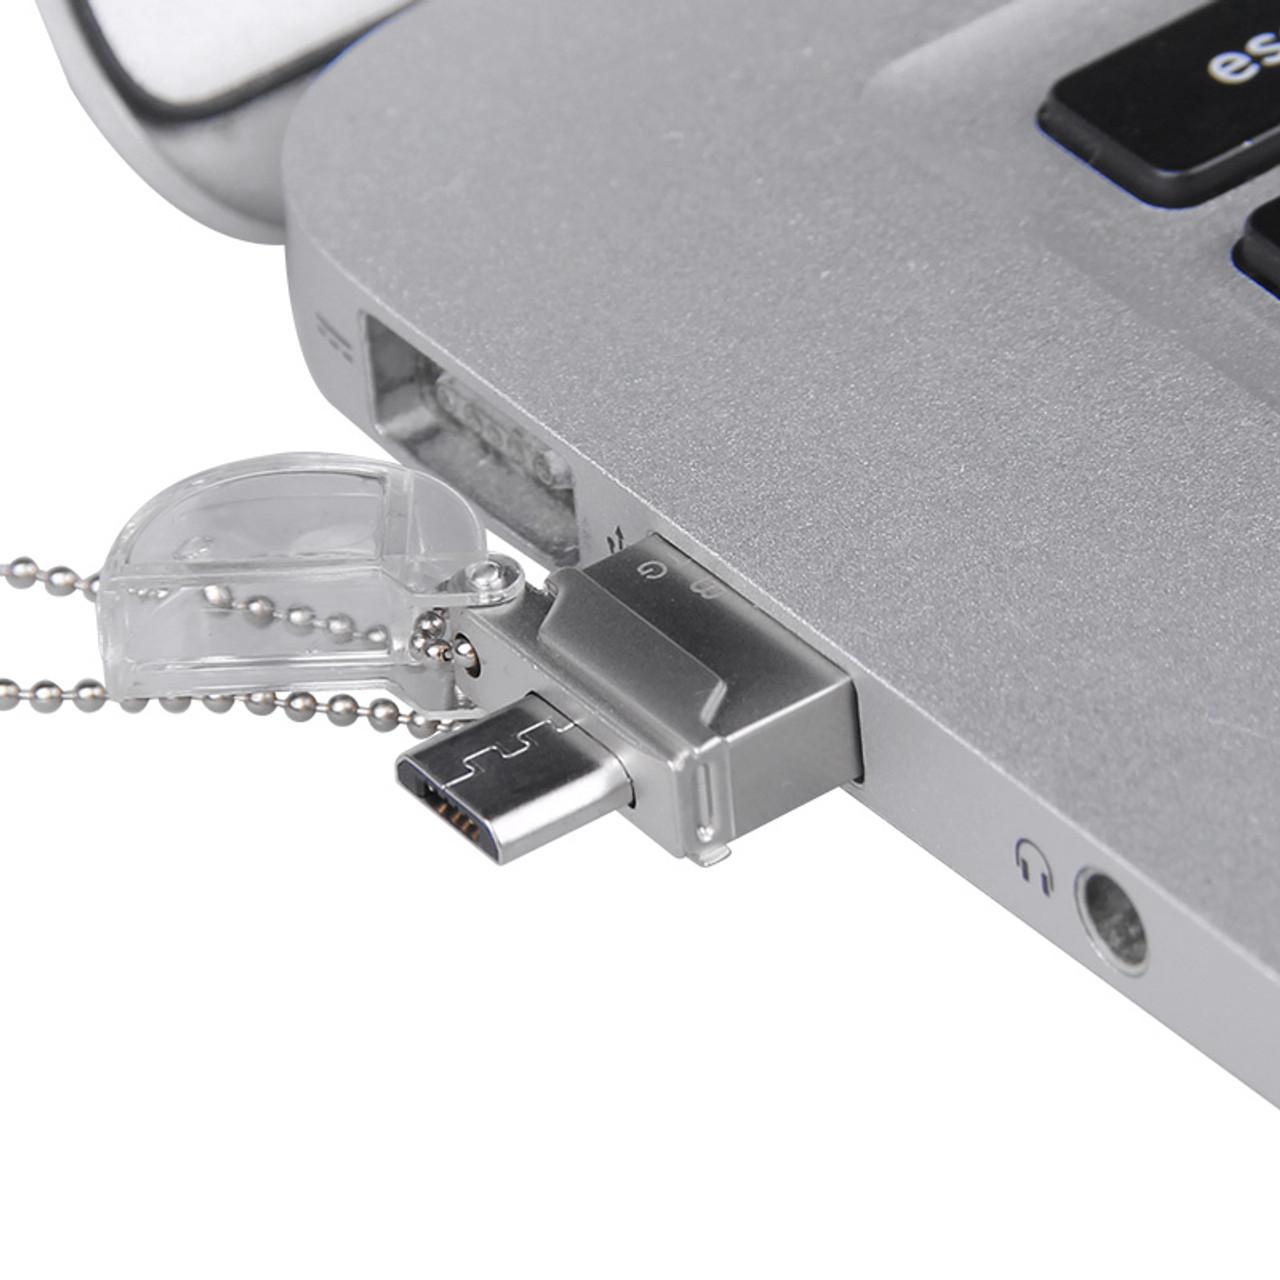 DM PD008 OTG USB 16GB USB Flash Drives OTG Pen Drive Micro USB Metal USB Stick